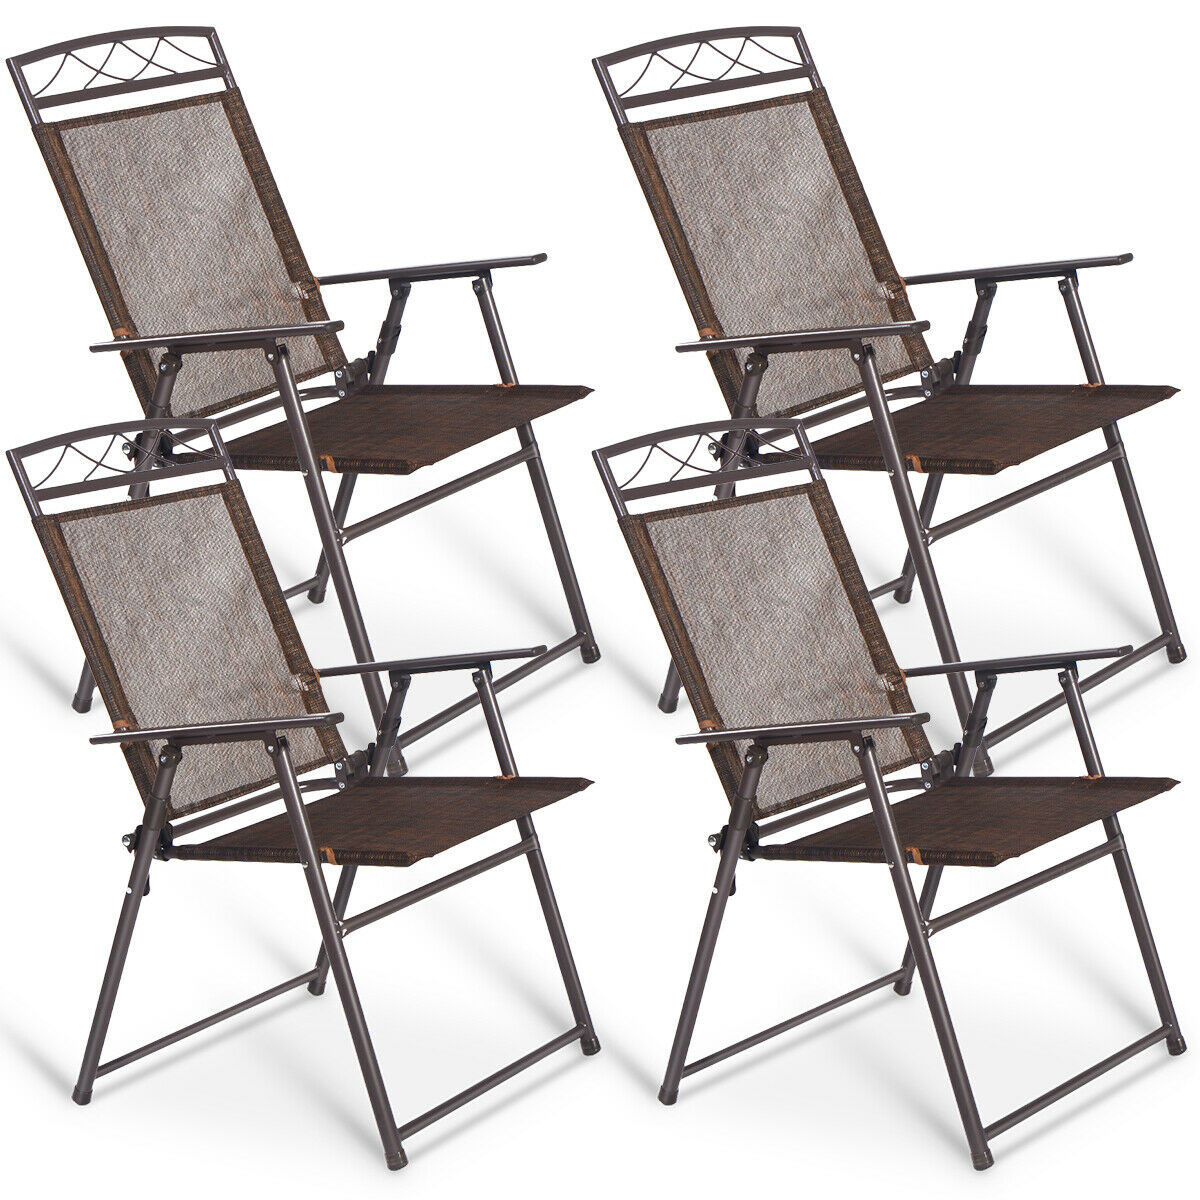 coatway lot de 4 chaises pliantes de jardin en textilene avec 2 accoudoirs anti derapant pour l interieur l exterieur